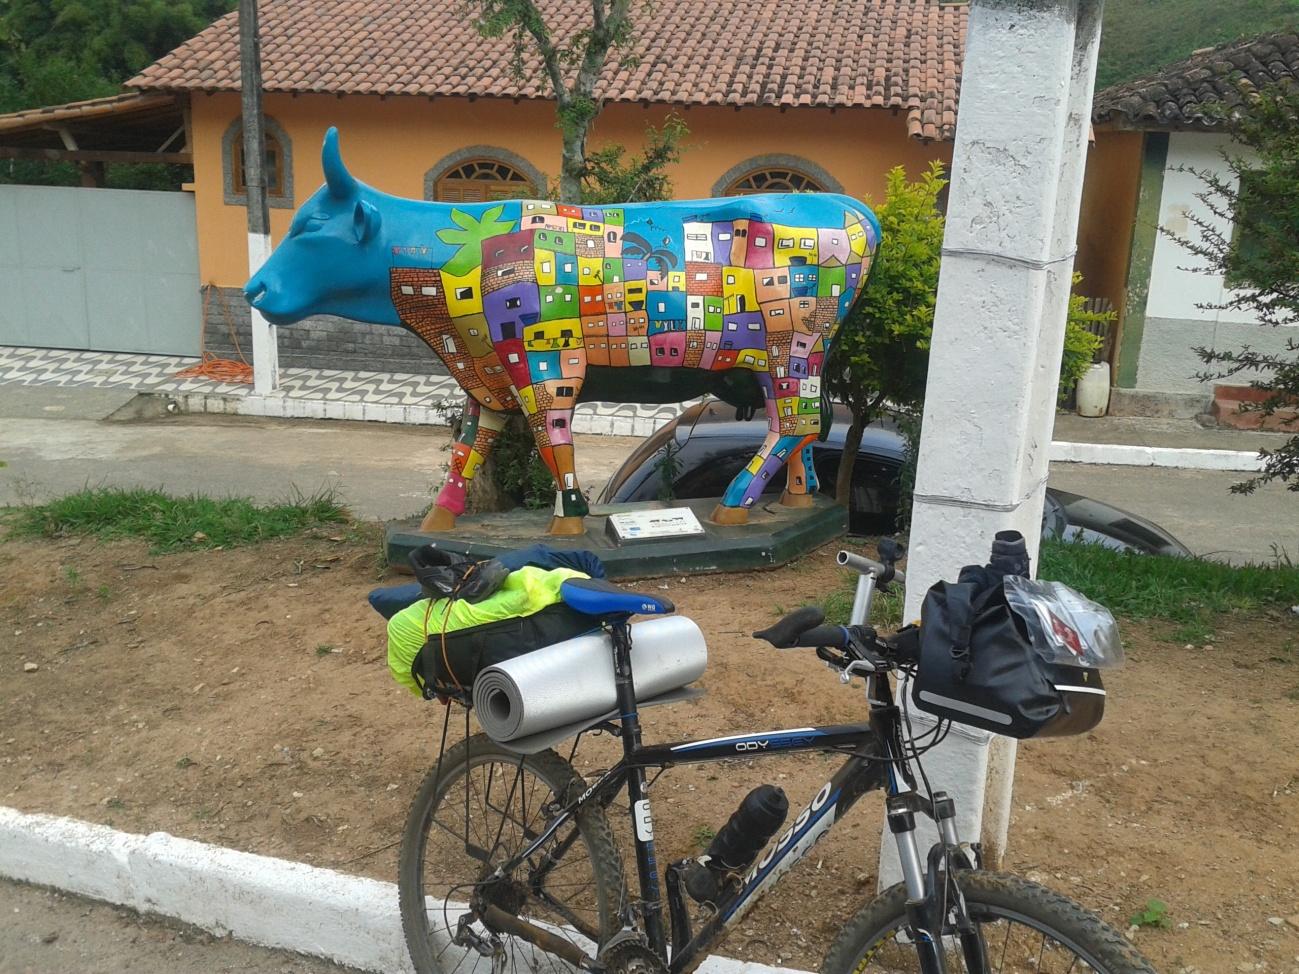 Cow Parade. Existem estas esculturas de vacas em diversas partes do mundo, como em Lima, Buenos Aires, Nova York, Paris, Sidney, Tóquio. Mas em São José dos Lopes!?!?!?! Legal mesmo!